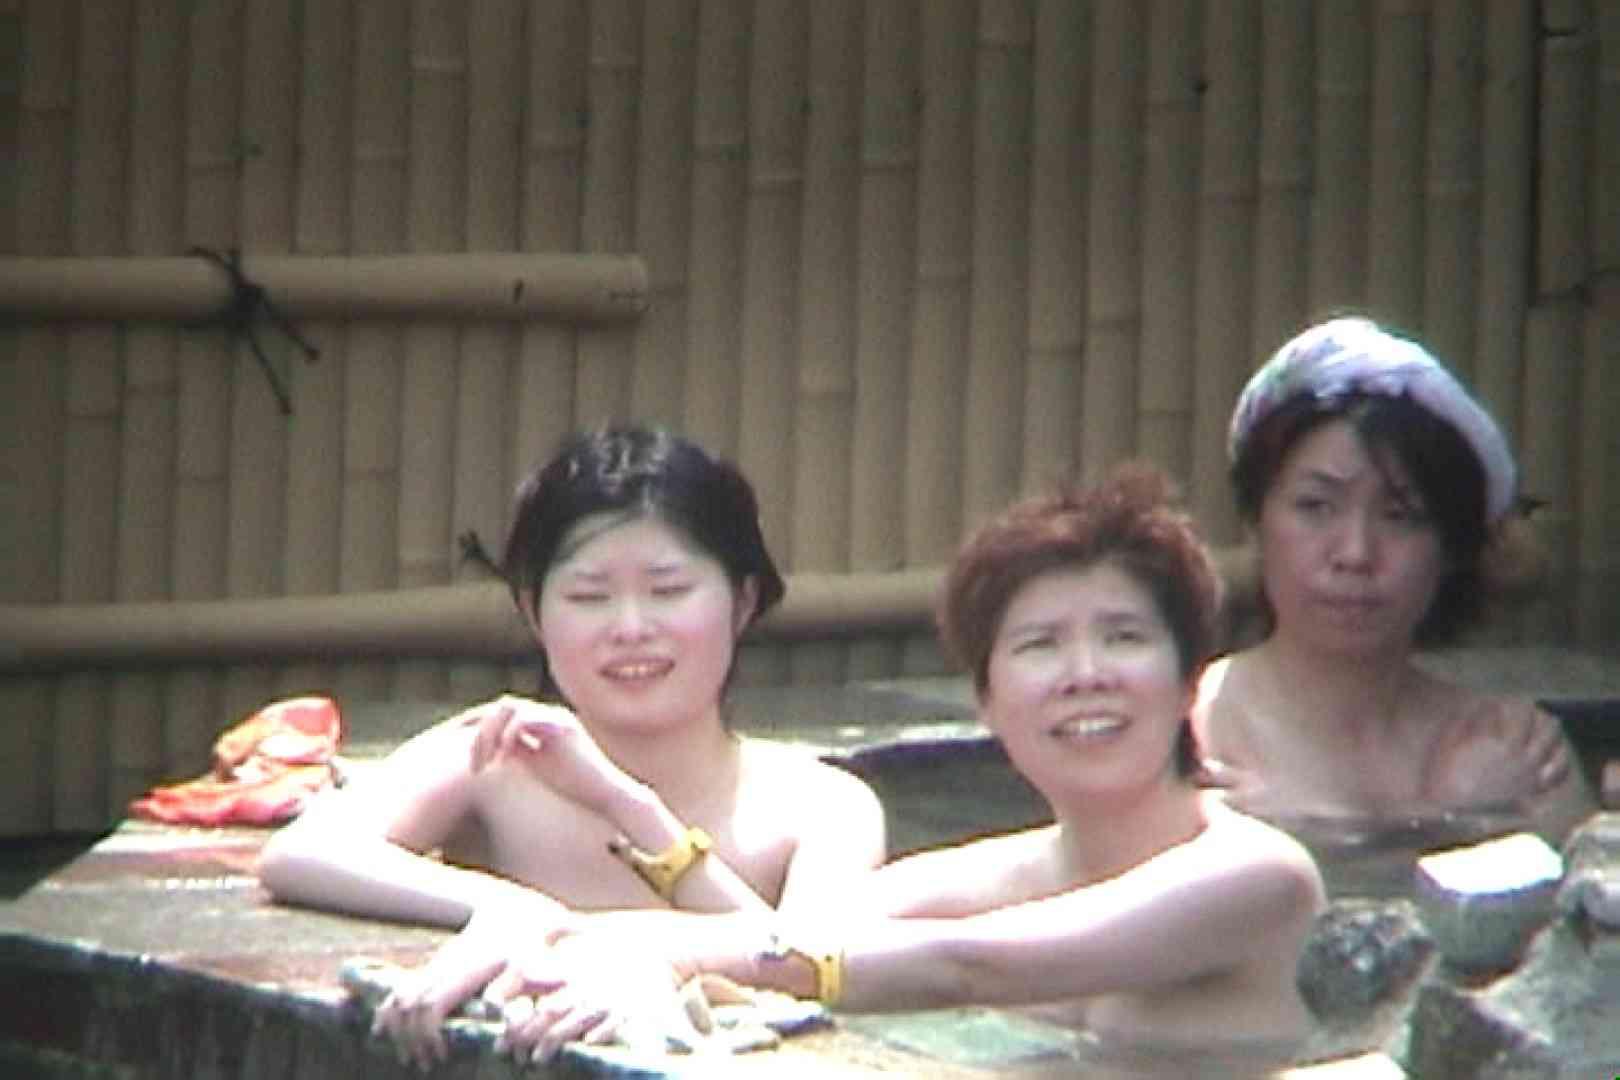 Aquaな露天風呂Vol.54【VIP限定】 盗撮シリーズ  96PIX 52